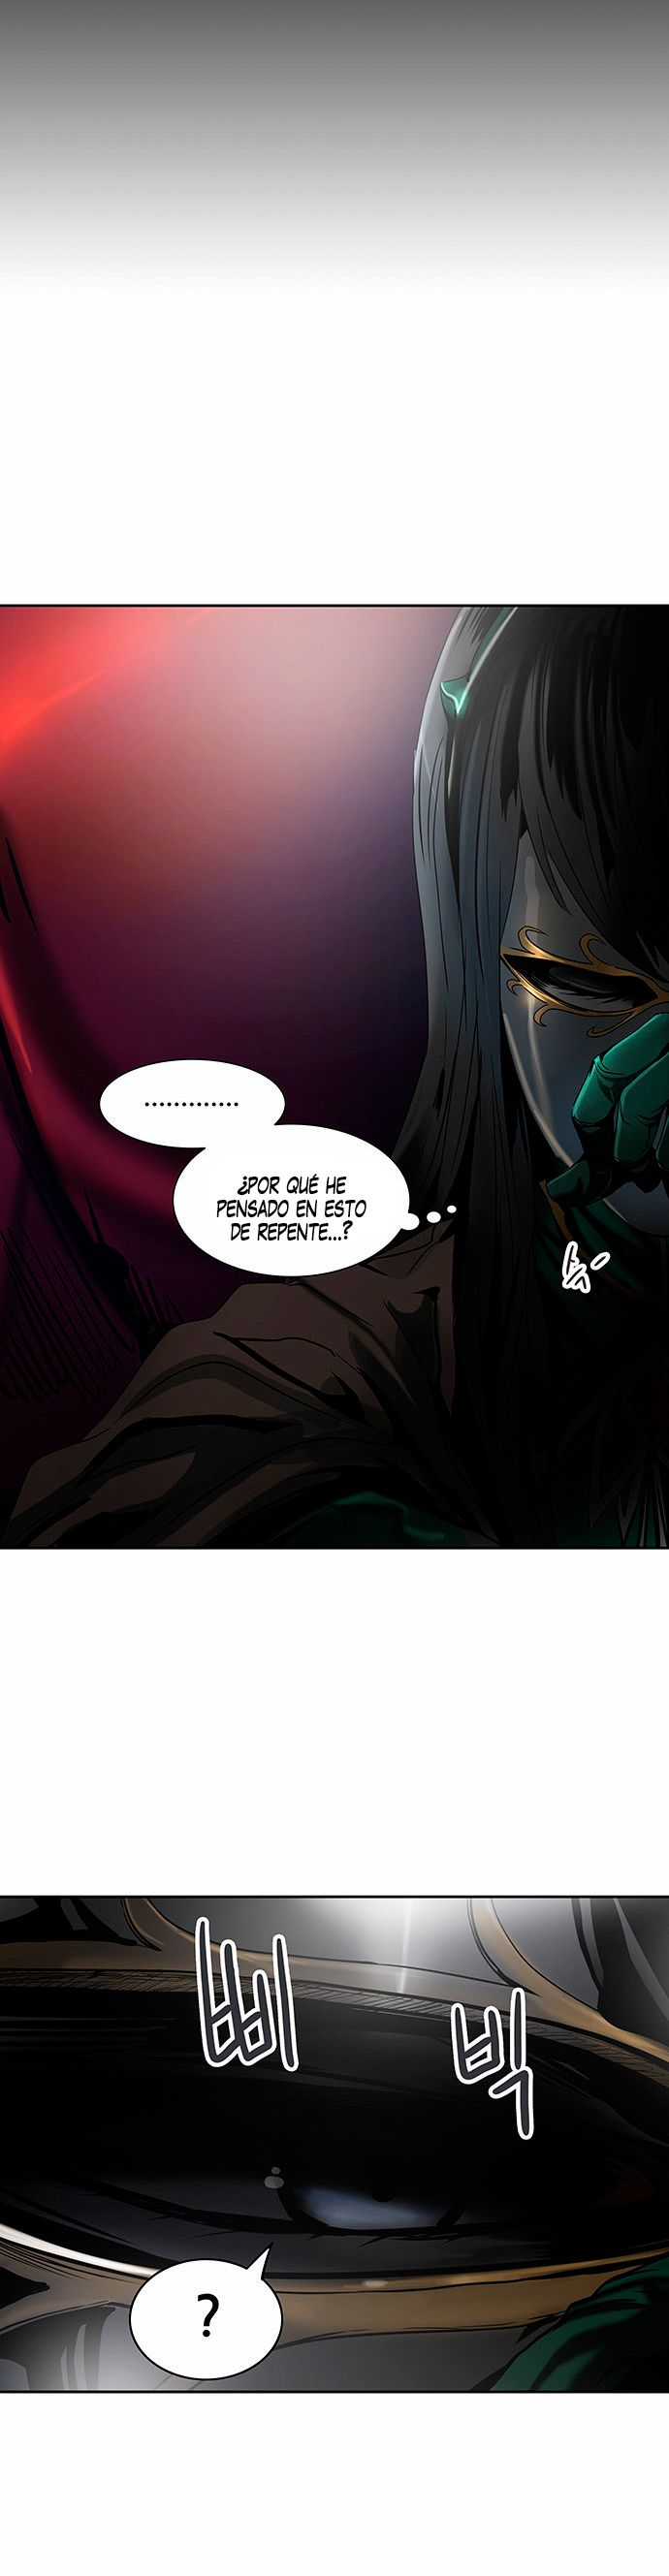 http://c5.ninemanga.com/es_manga/pic2/21/149/501713/bbd4e463fe0ad675dcb2493d8abd6b0b.jpg Page 17